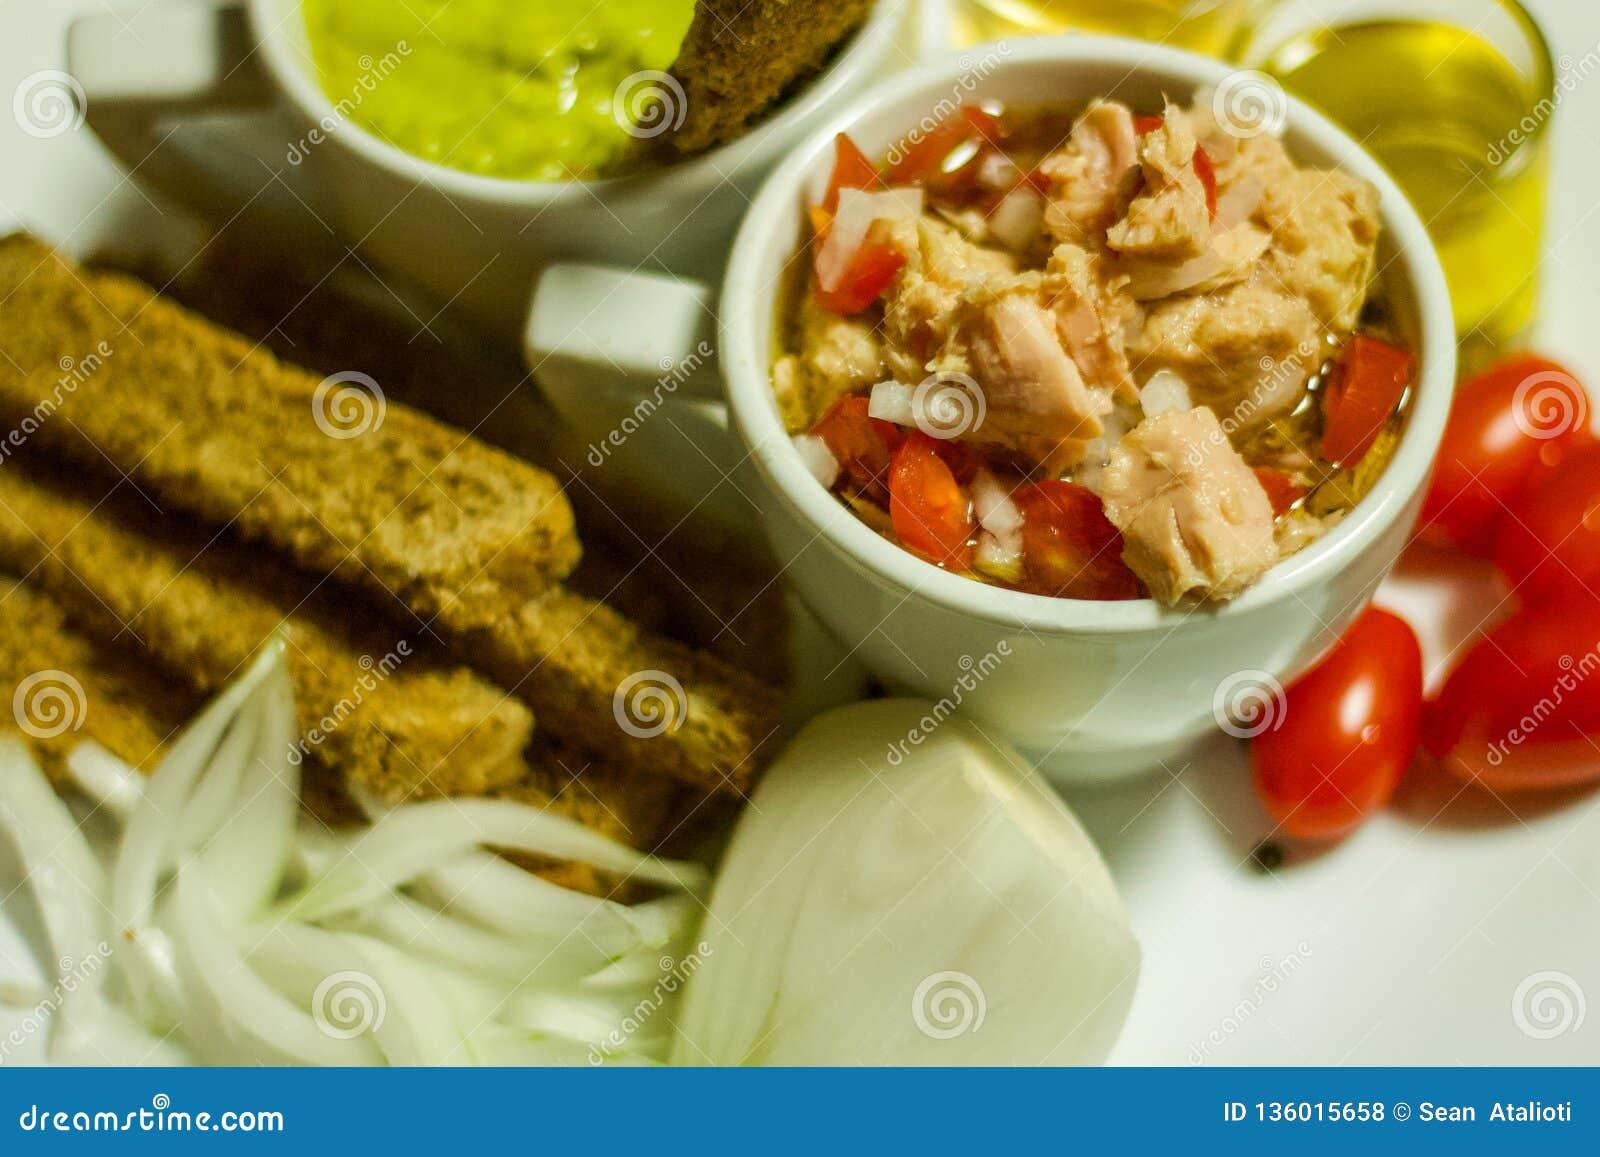 Immersion colorée et saine d avocat de nourritures, pain grillé de Brown avec Olive Oil, vinaigre de cidre d Apple, Cherry Tomato